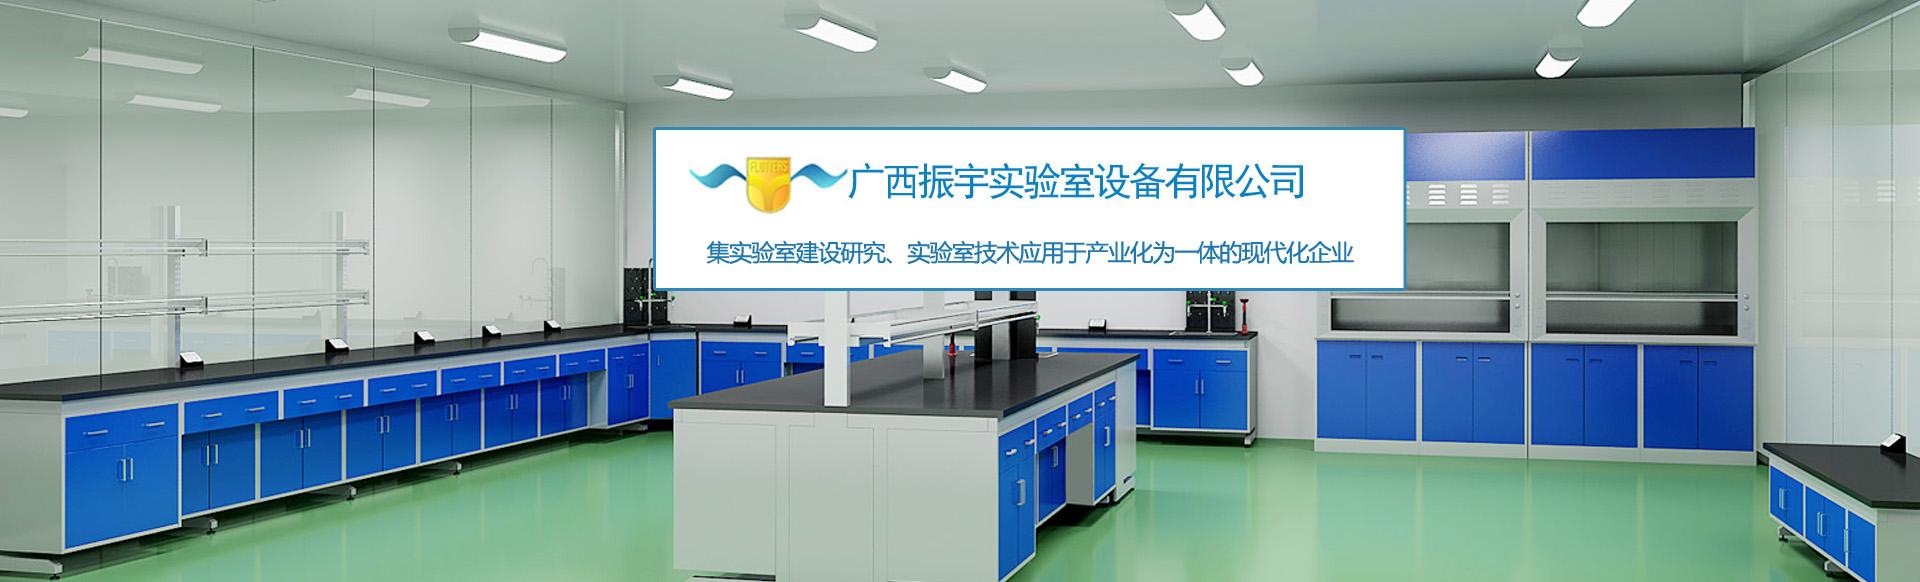 广西实验室设备